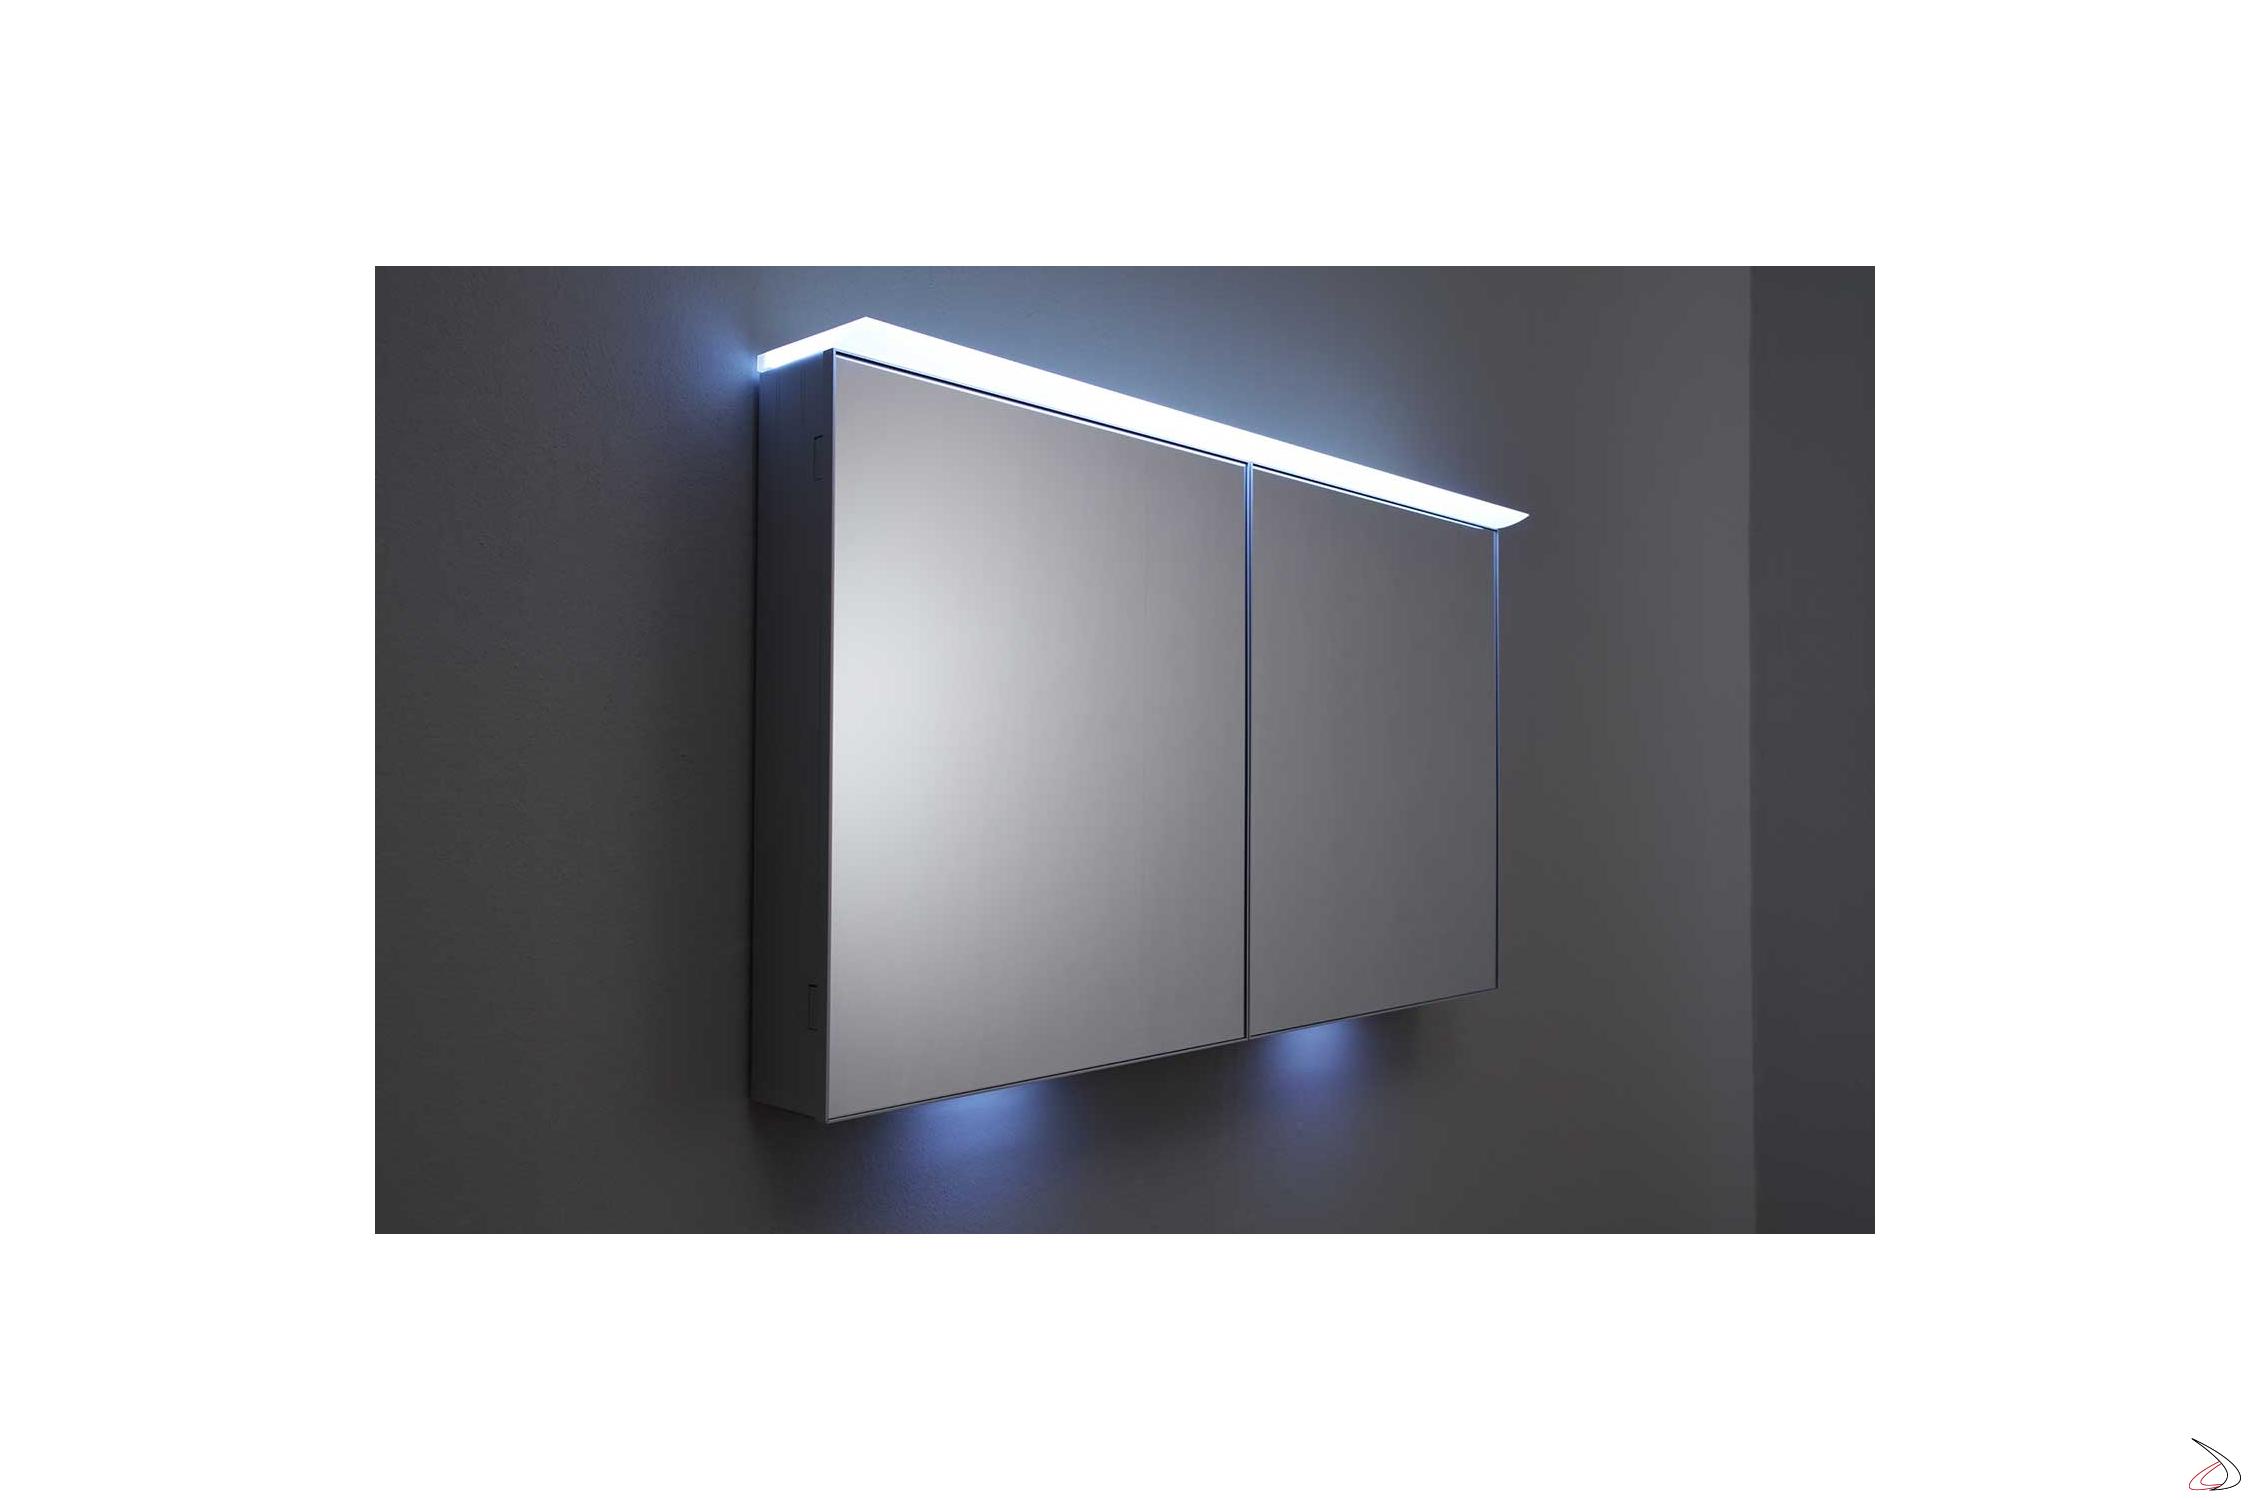 Specchio Bagno Contenitore Led.Specchio Bagno Contenitore Con Luce Led Polaris Toparredi